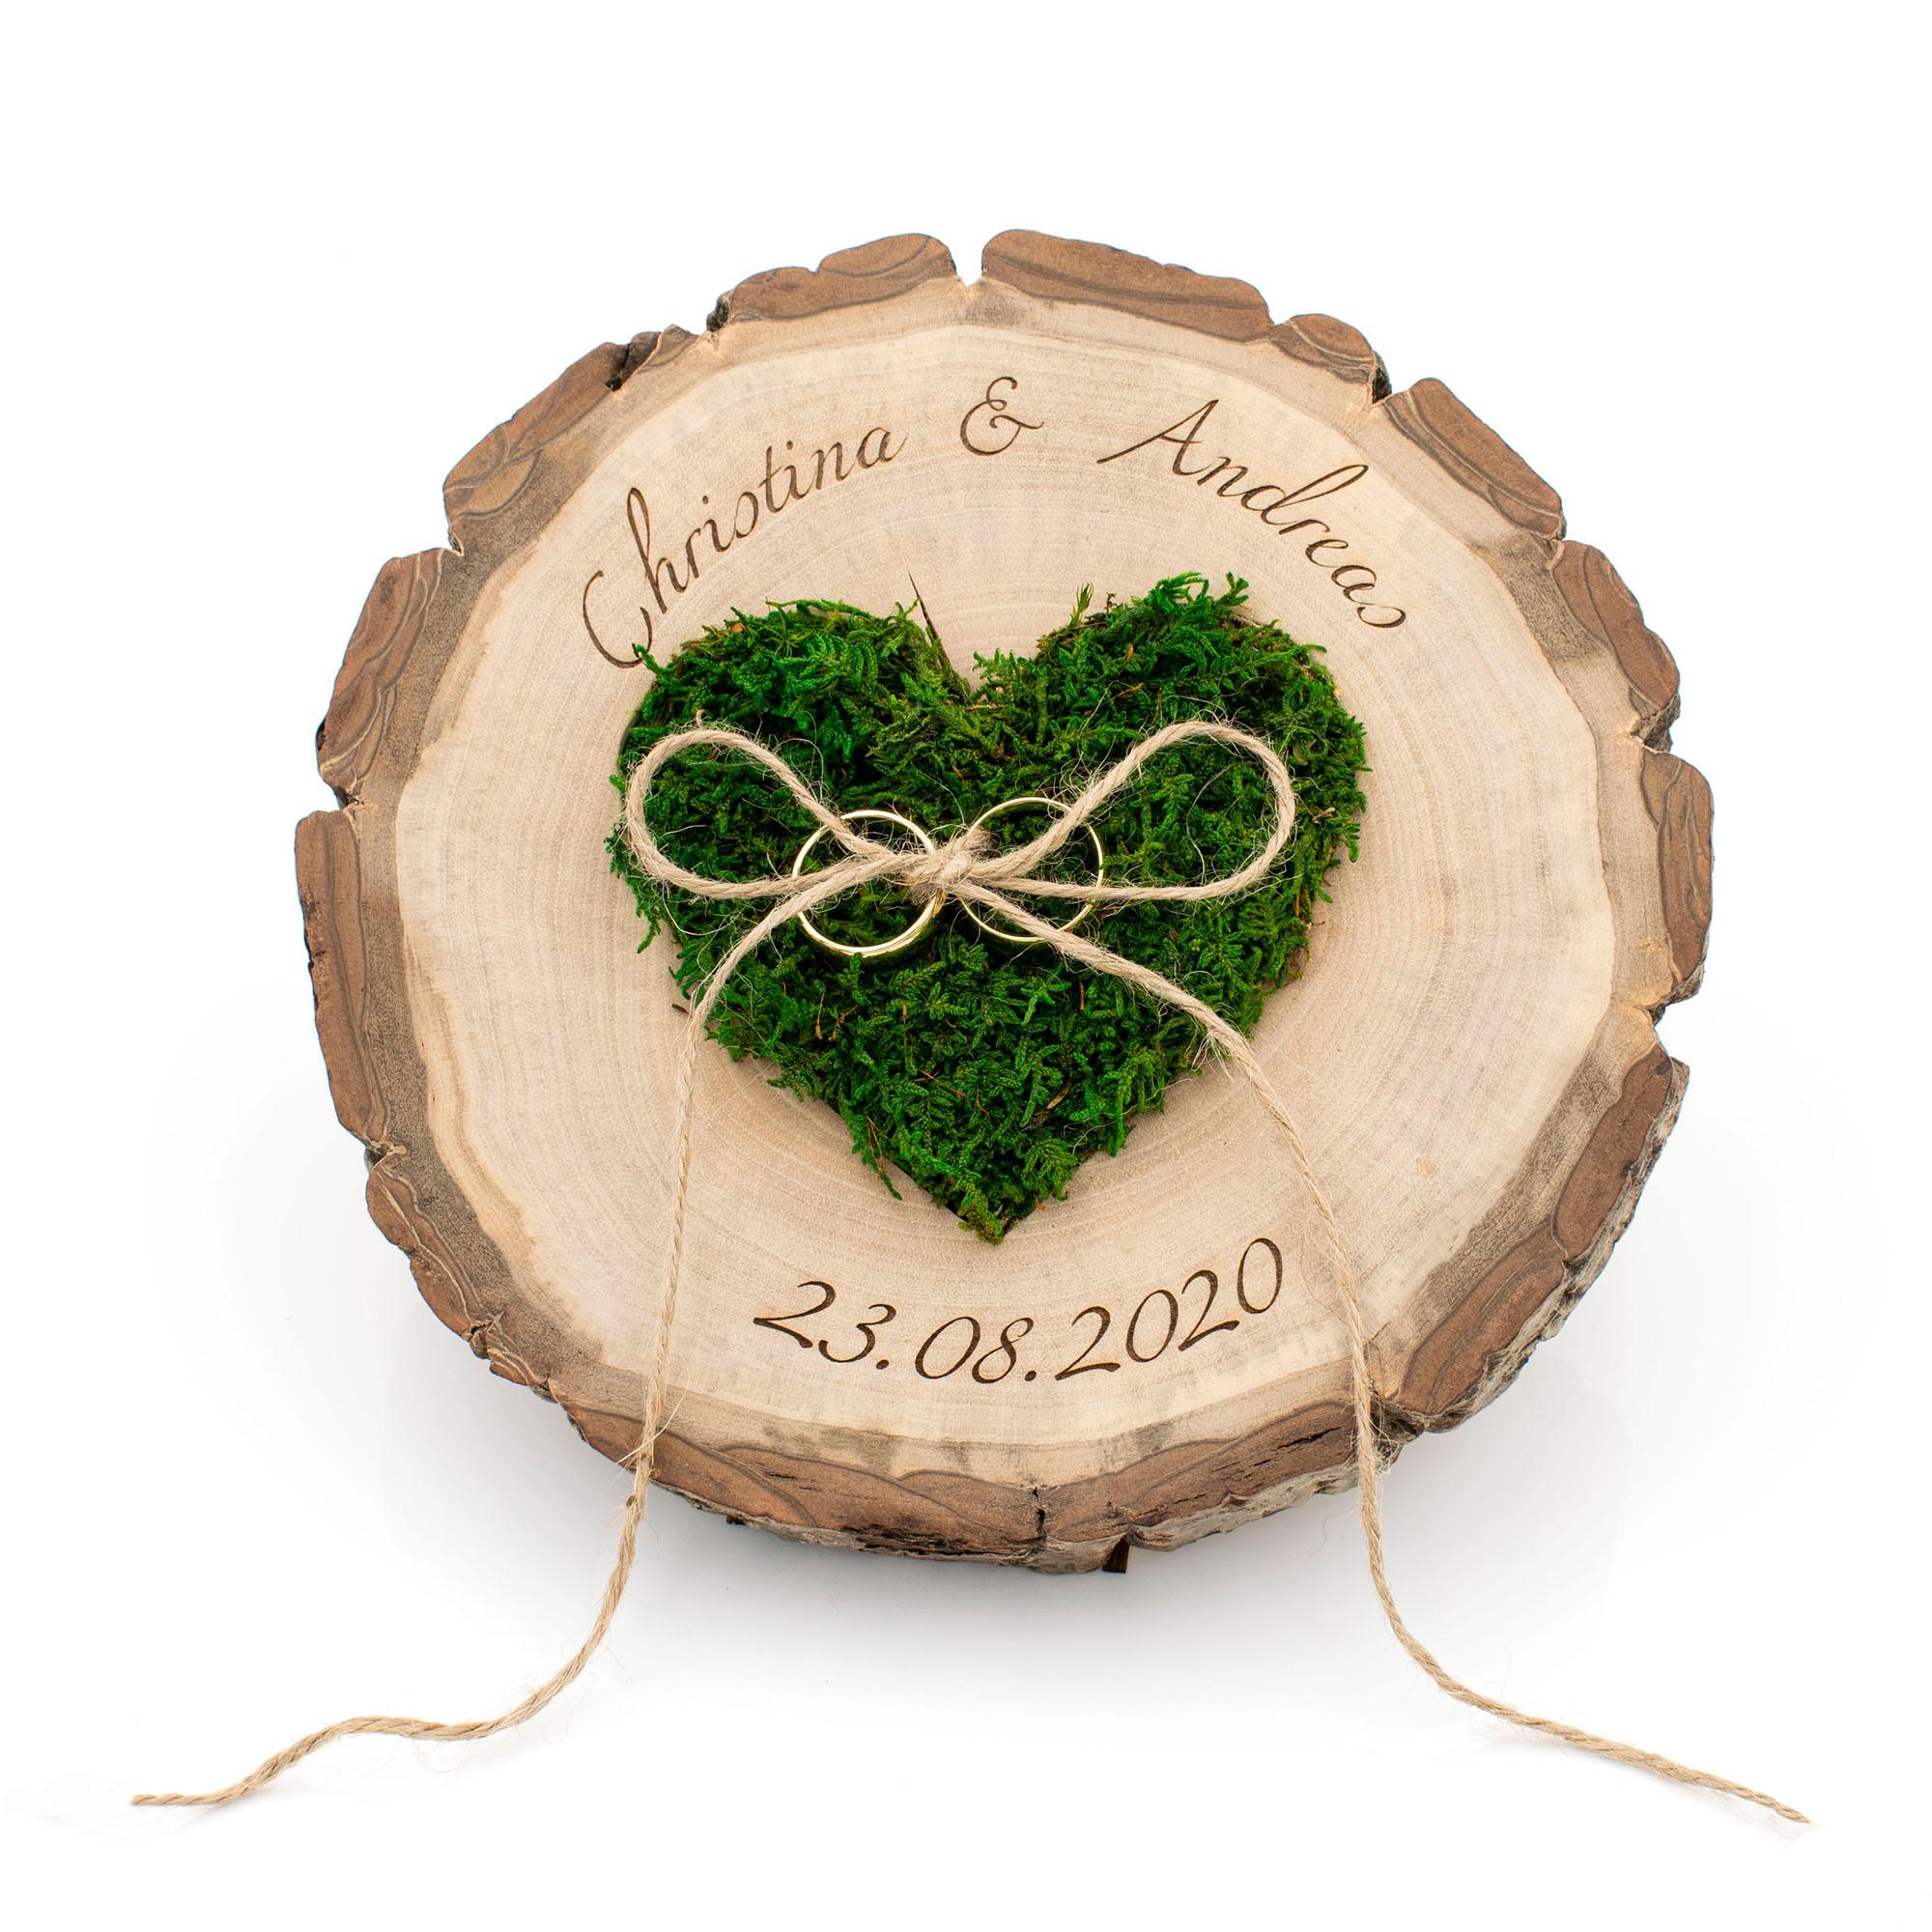 edles Ringkissen aus Nussbaum-Holz mit Moosherz, graviert mit Namen und Hochzeitsdatum